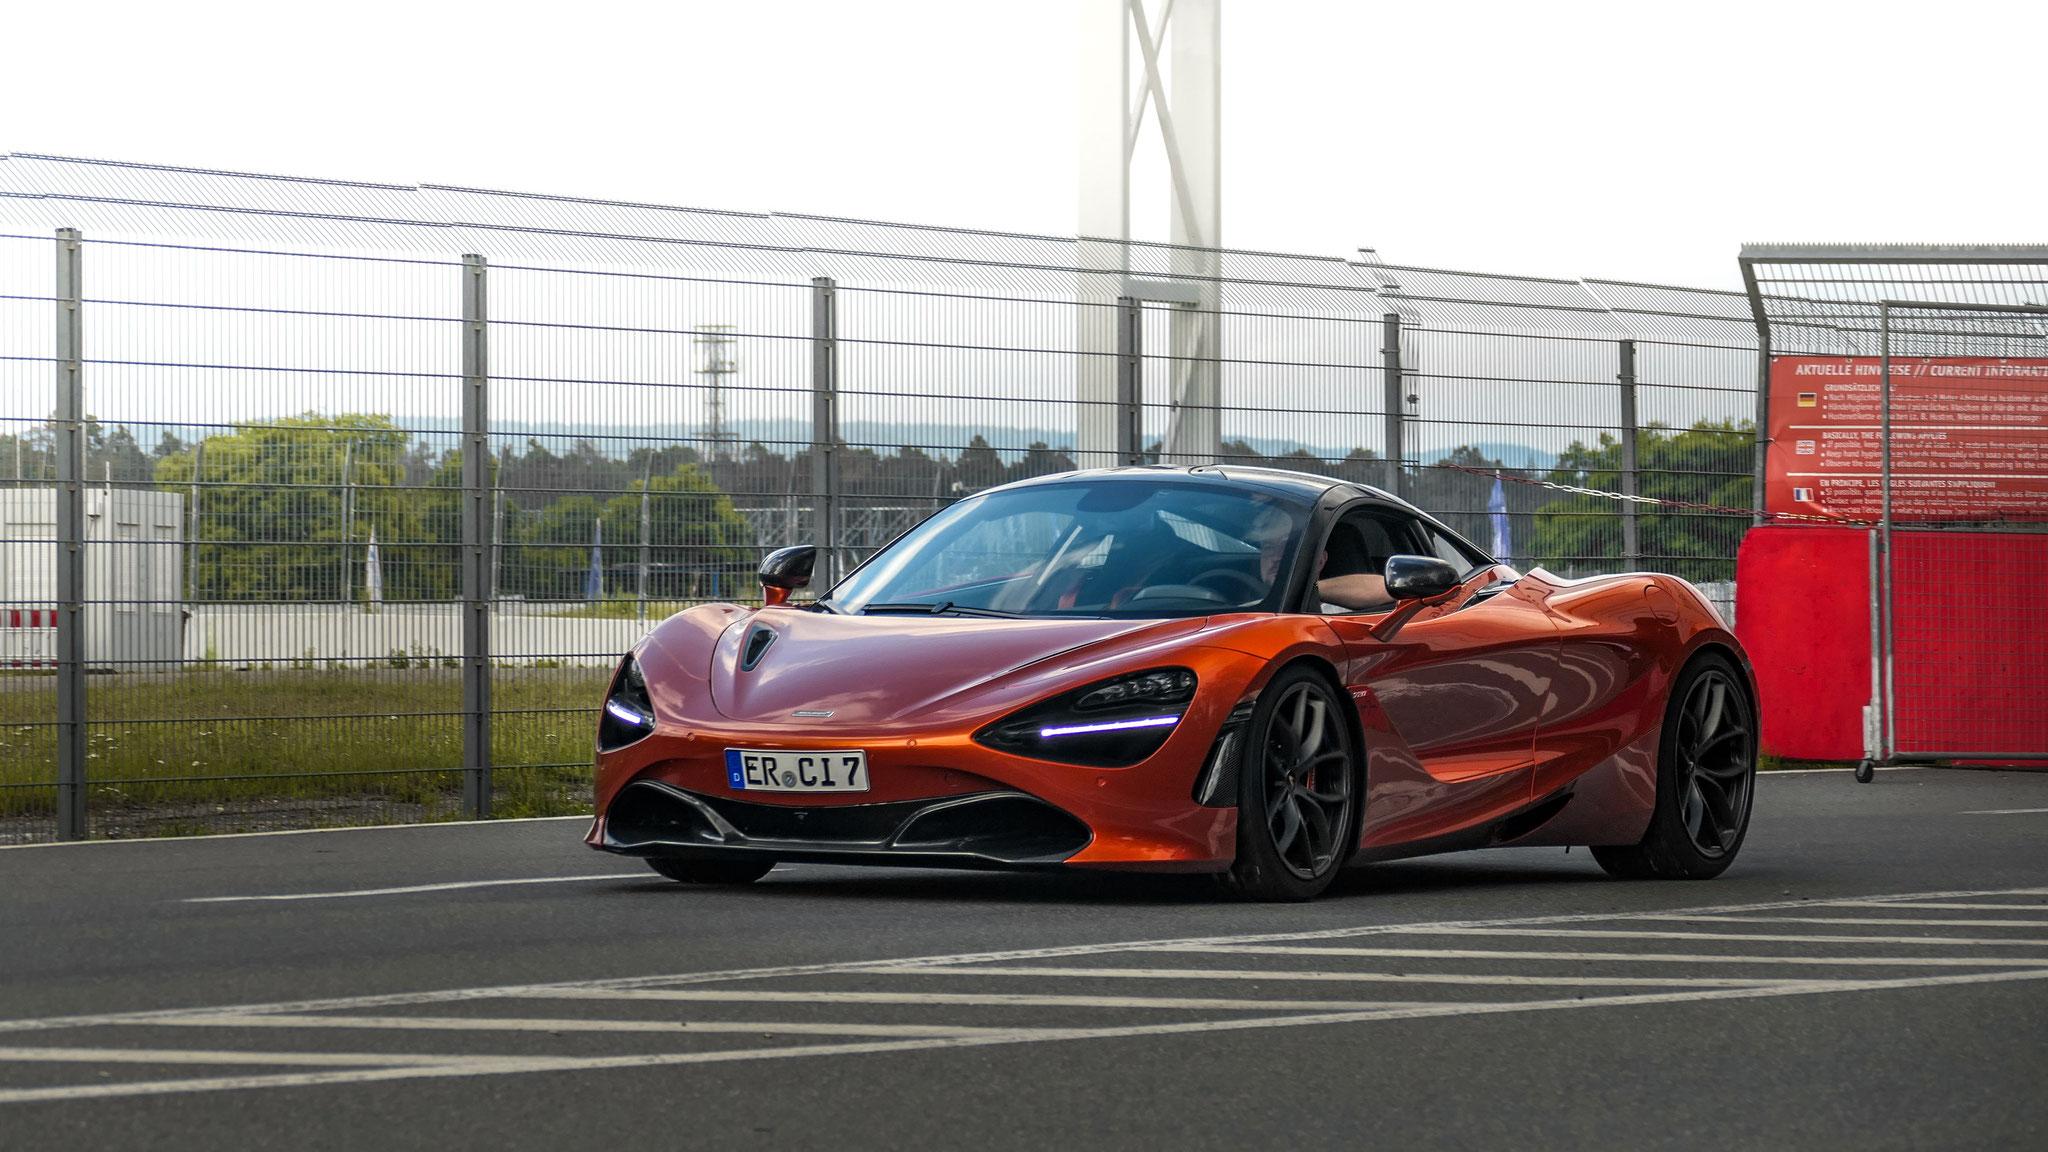 McLaren 720S - ER-CI-7